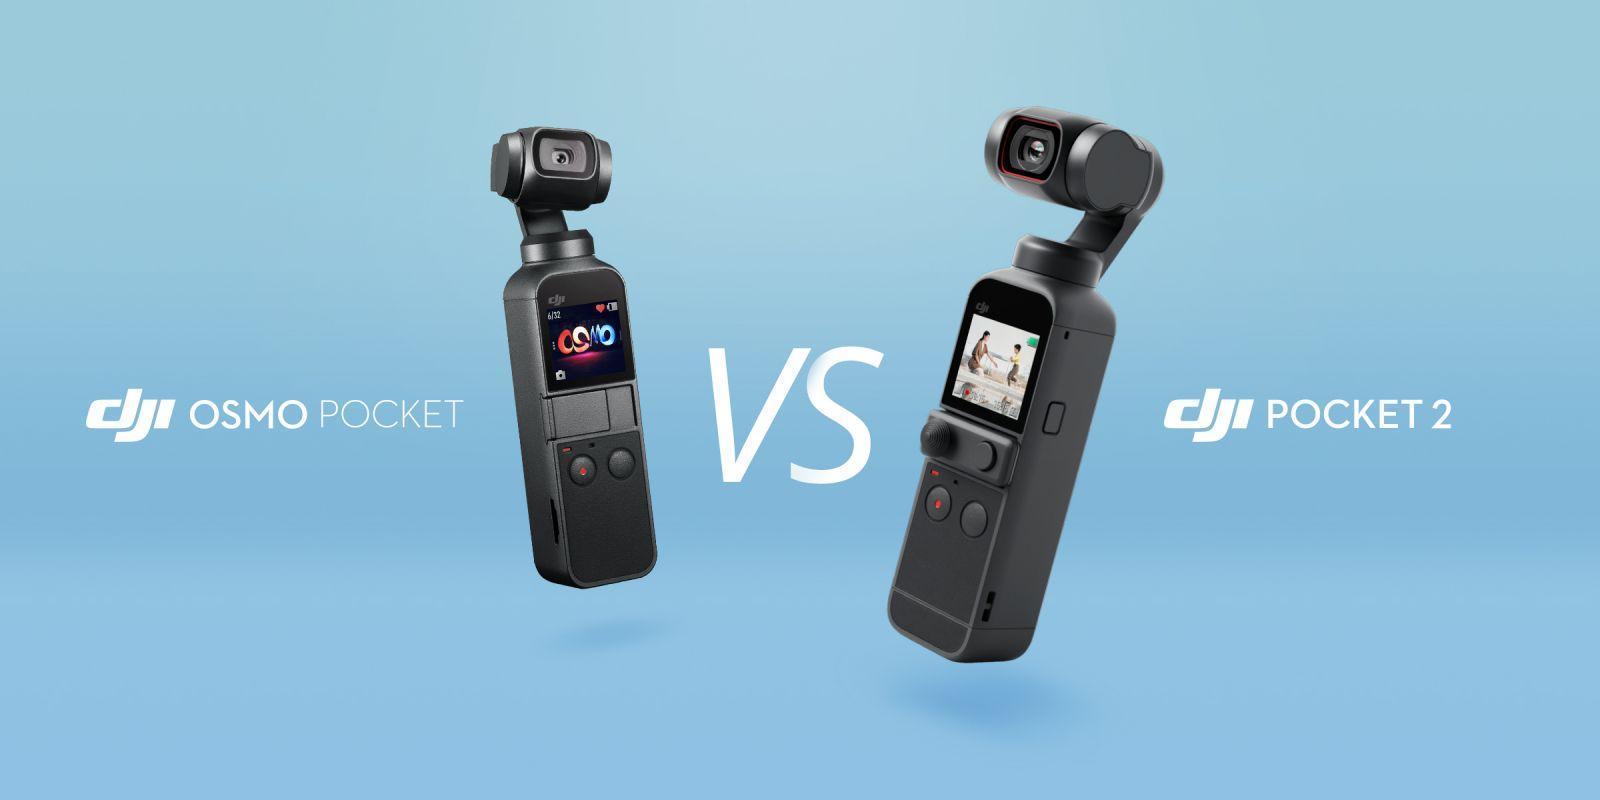 DJI выпустила Pocket 2 официально